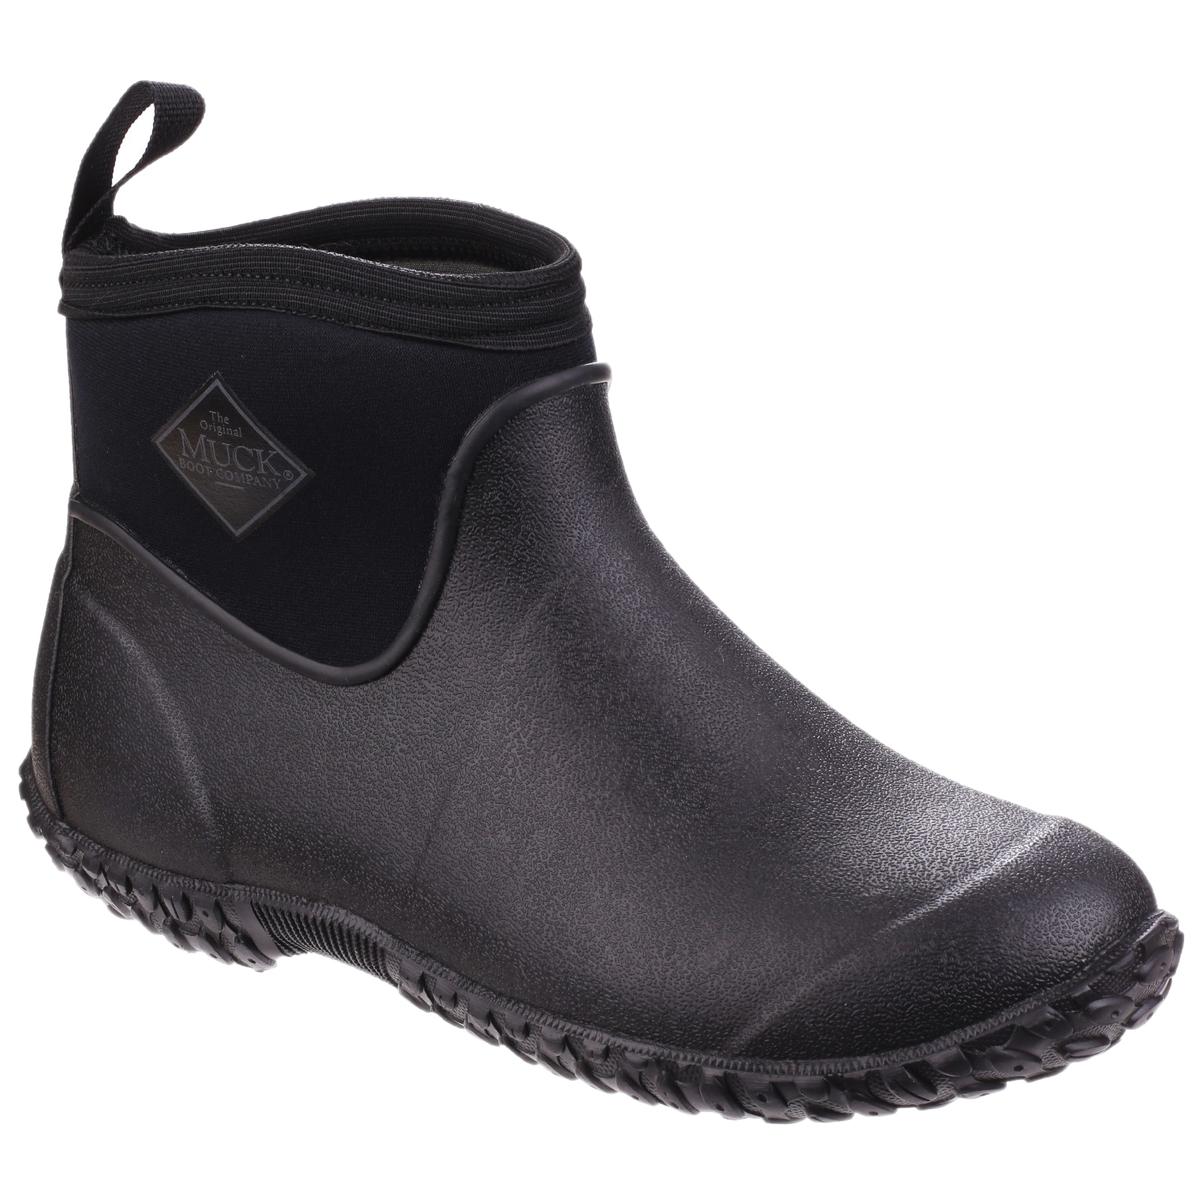 (マックブーツ) メンズ マックスターII アンクル丈 多目的軽量シューズ 紳士靴 長靴 レインブーツ 男性用 【海外直送】